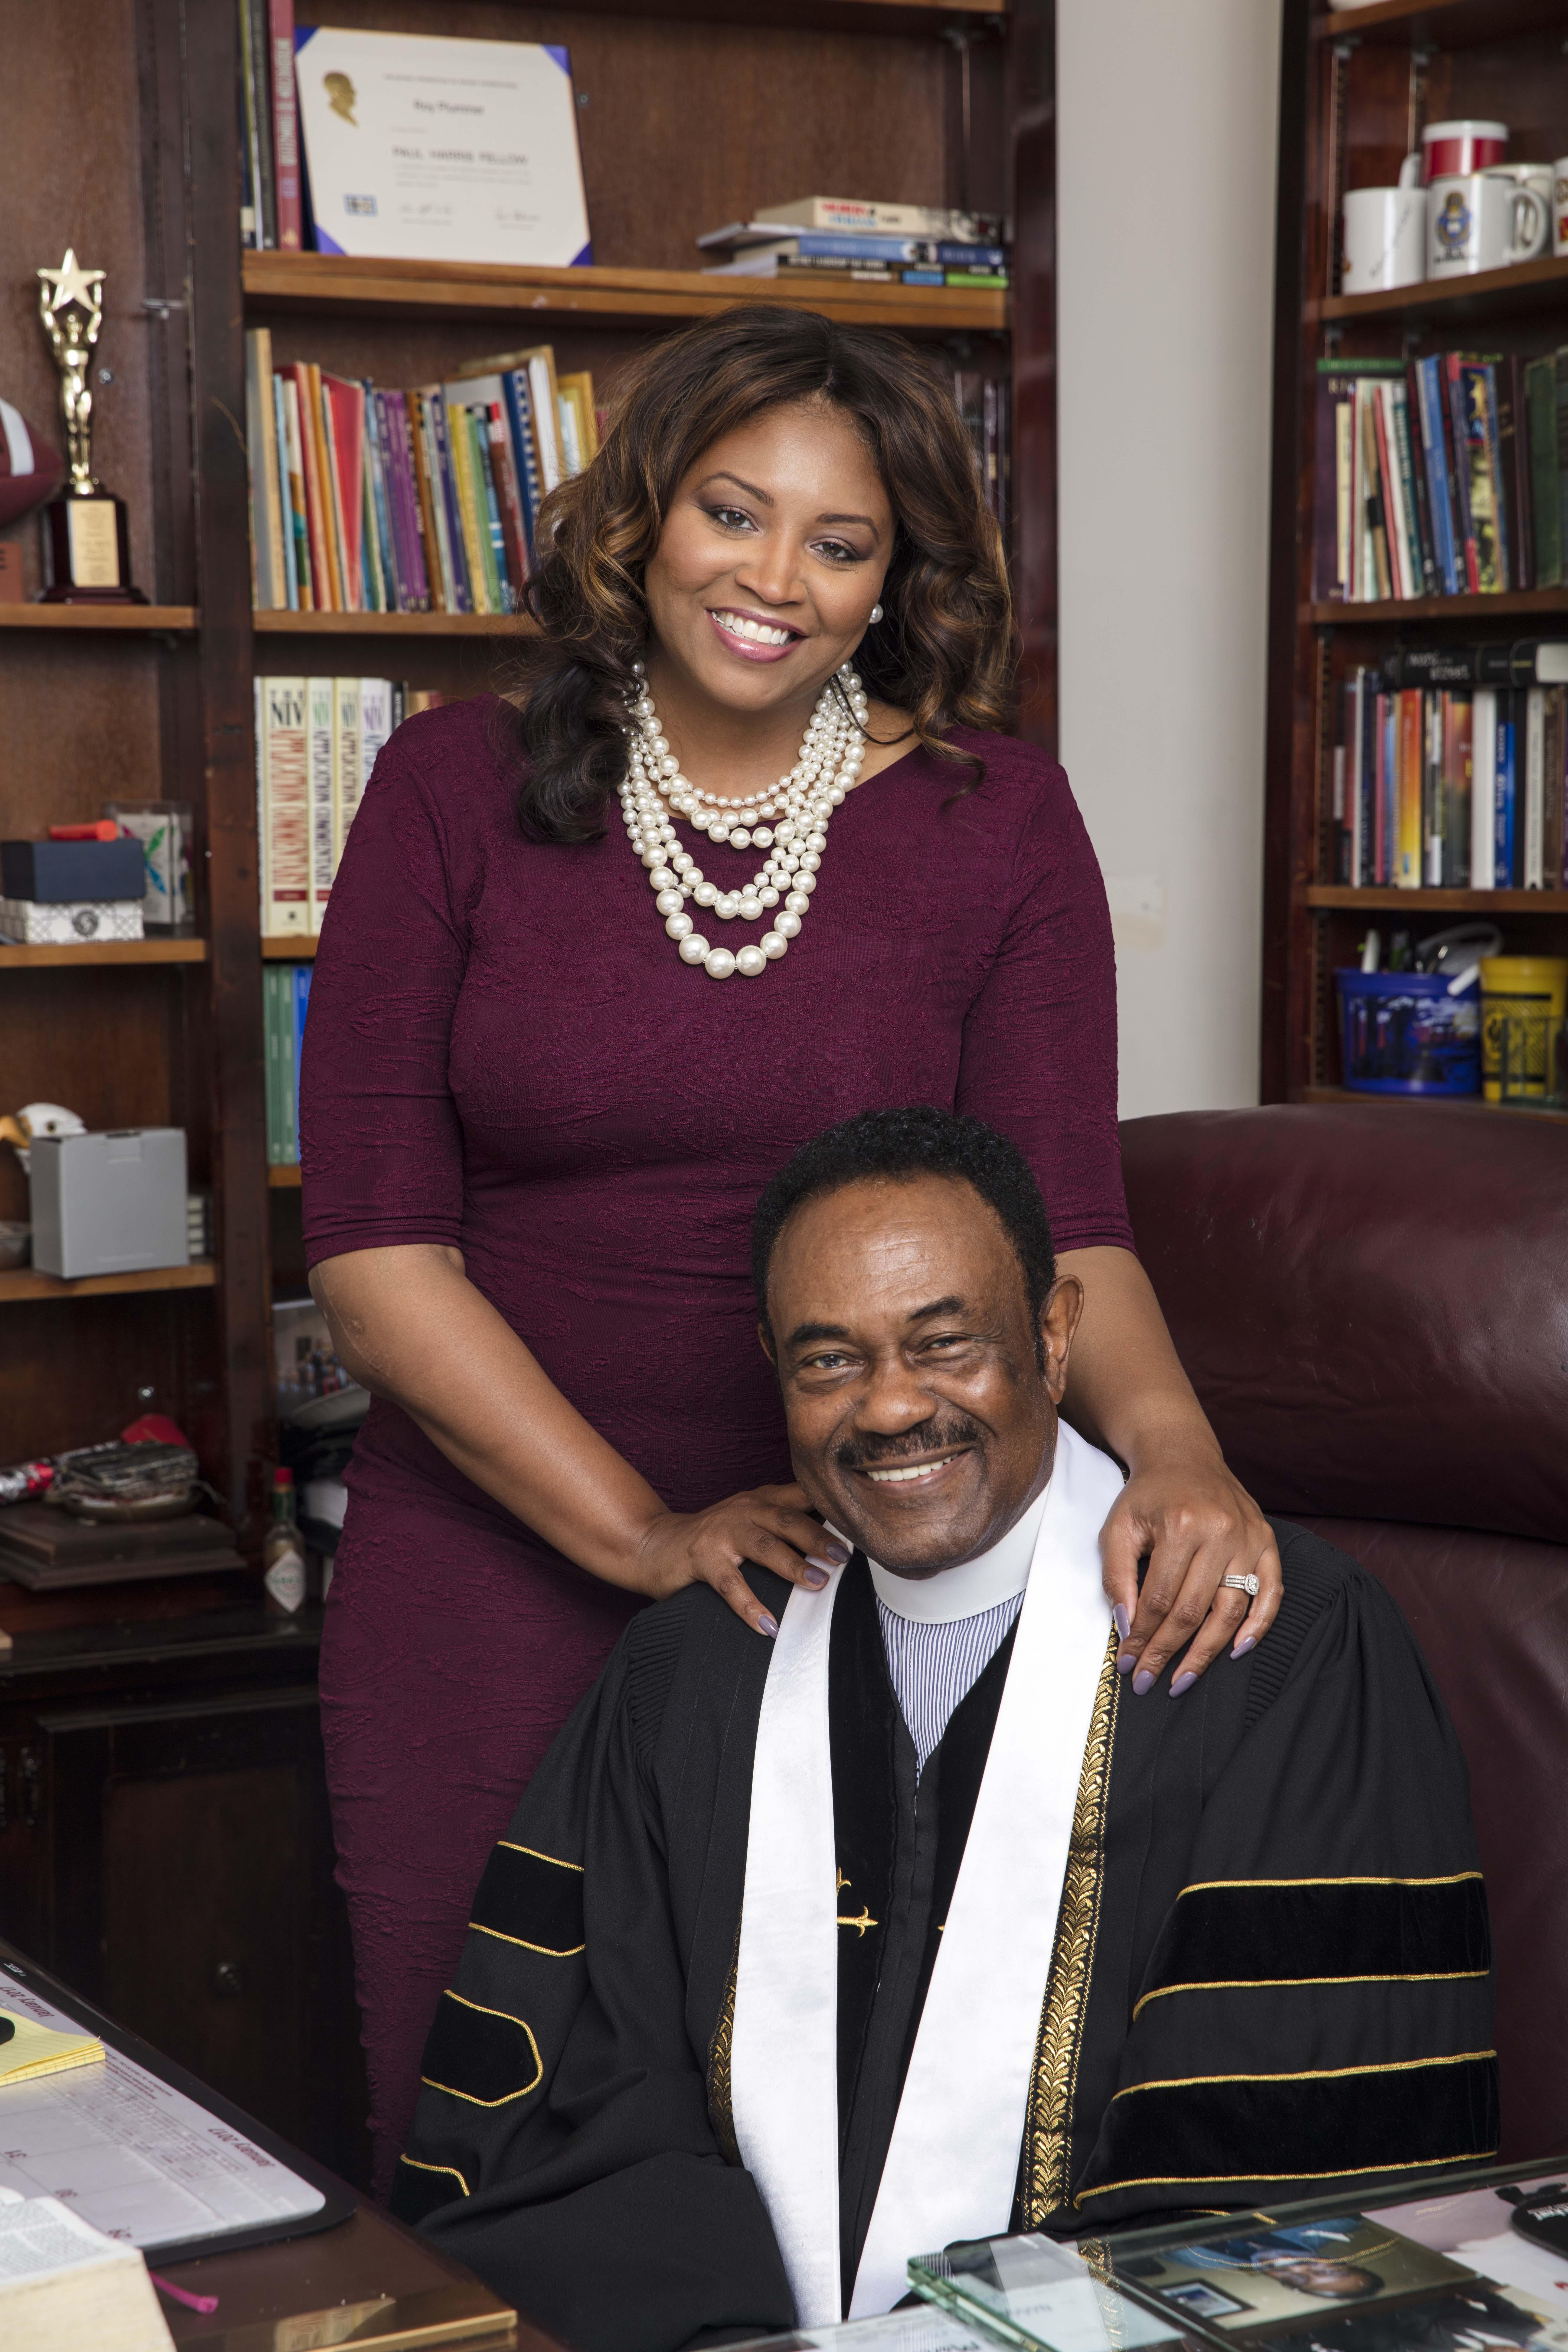 Pastor Plummer and Kenyetta Plummer